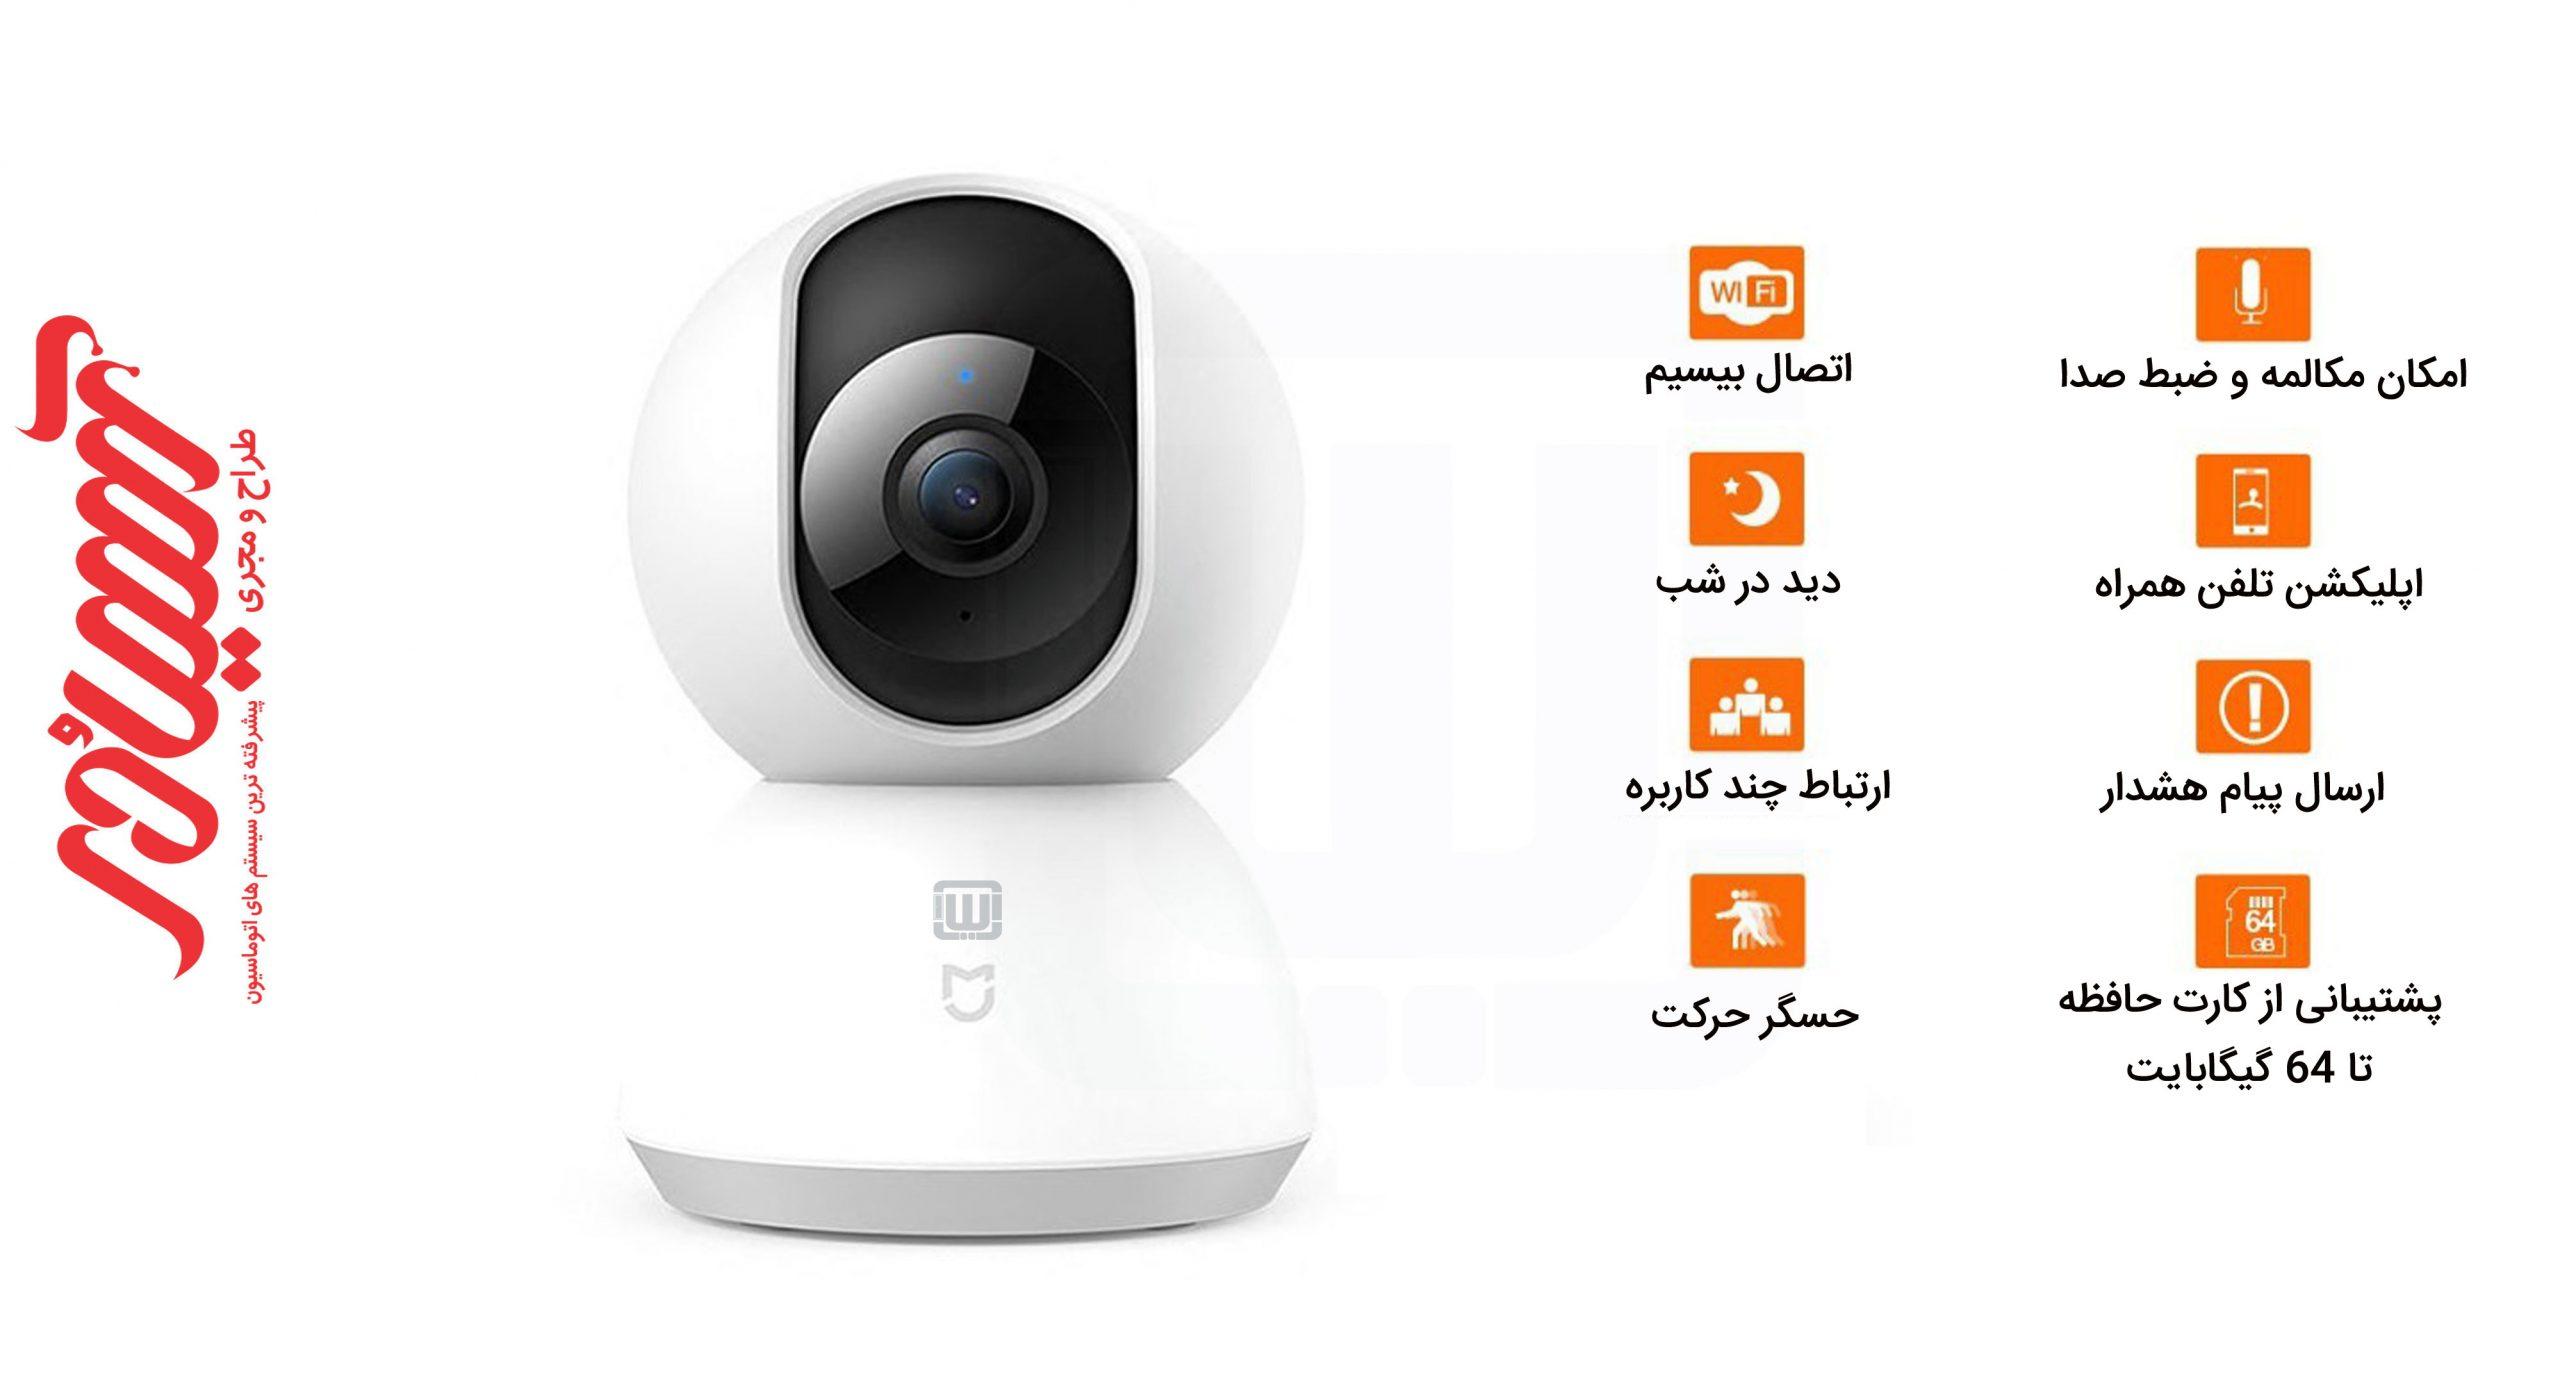 قابلیتهای سیستم 360 دوربین مداربسته شیائومی Xiaomi Mijia